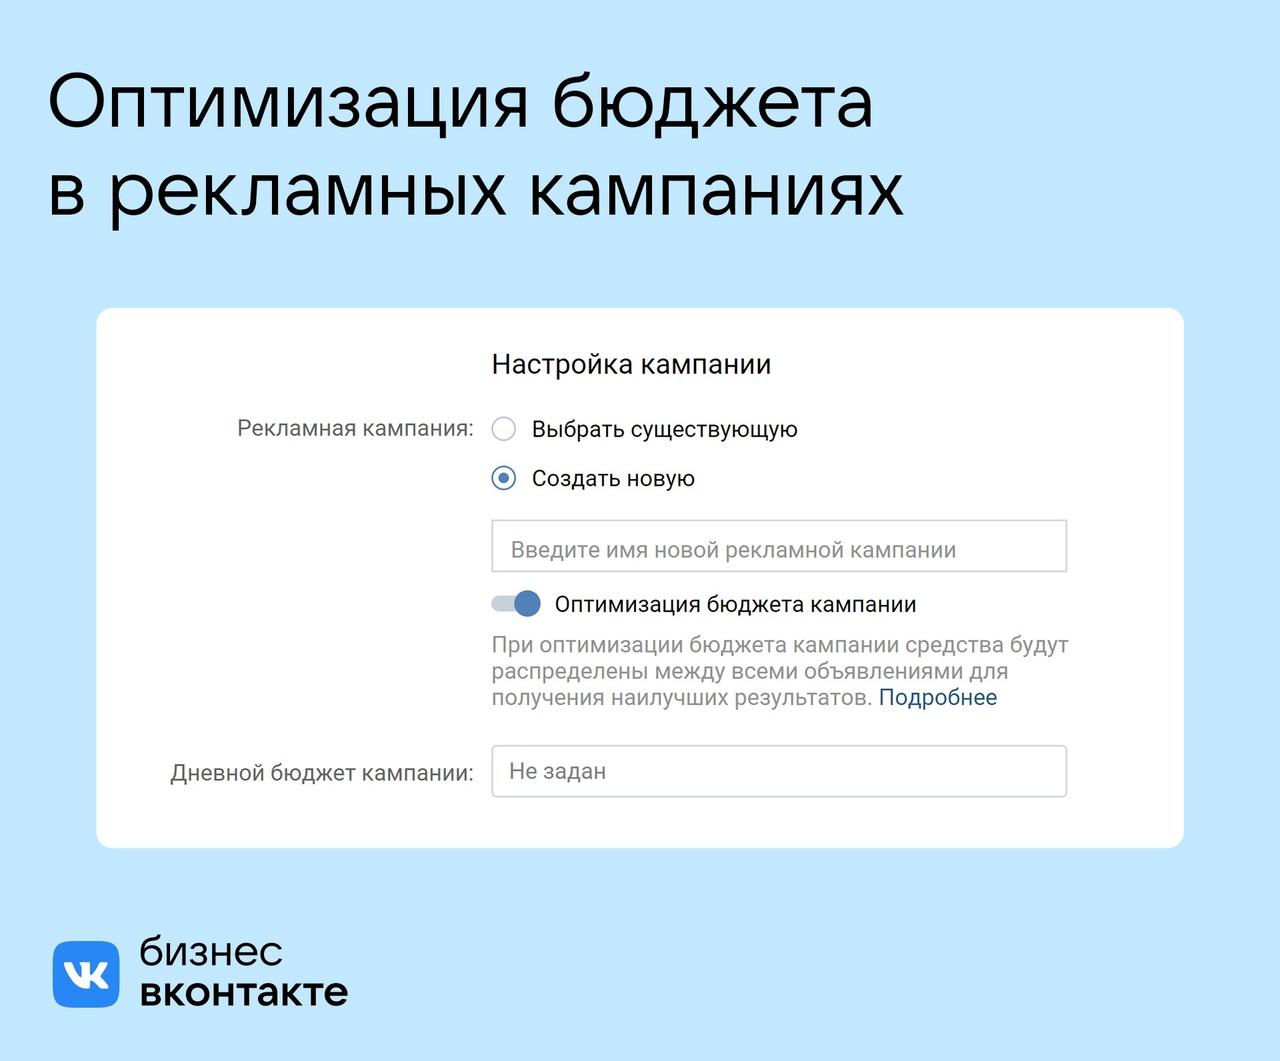 В рекламном кабинете «ВКонтакте» появилась «Оптимизация бюджета кампании»